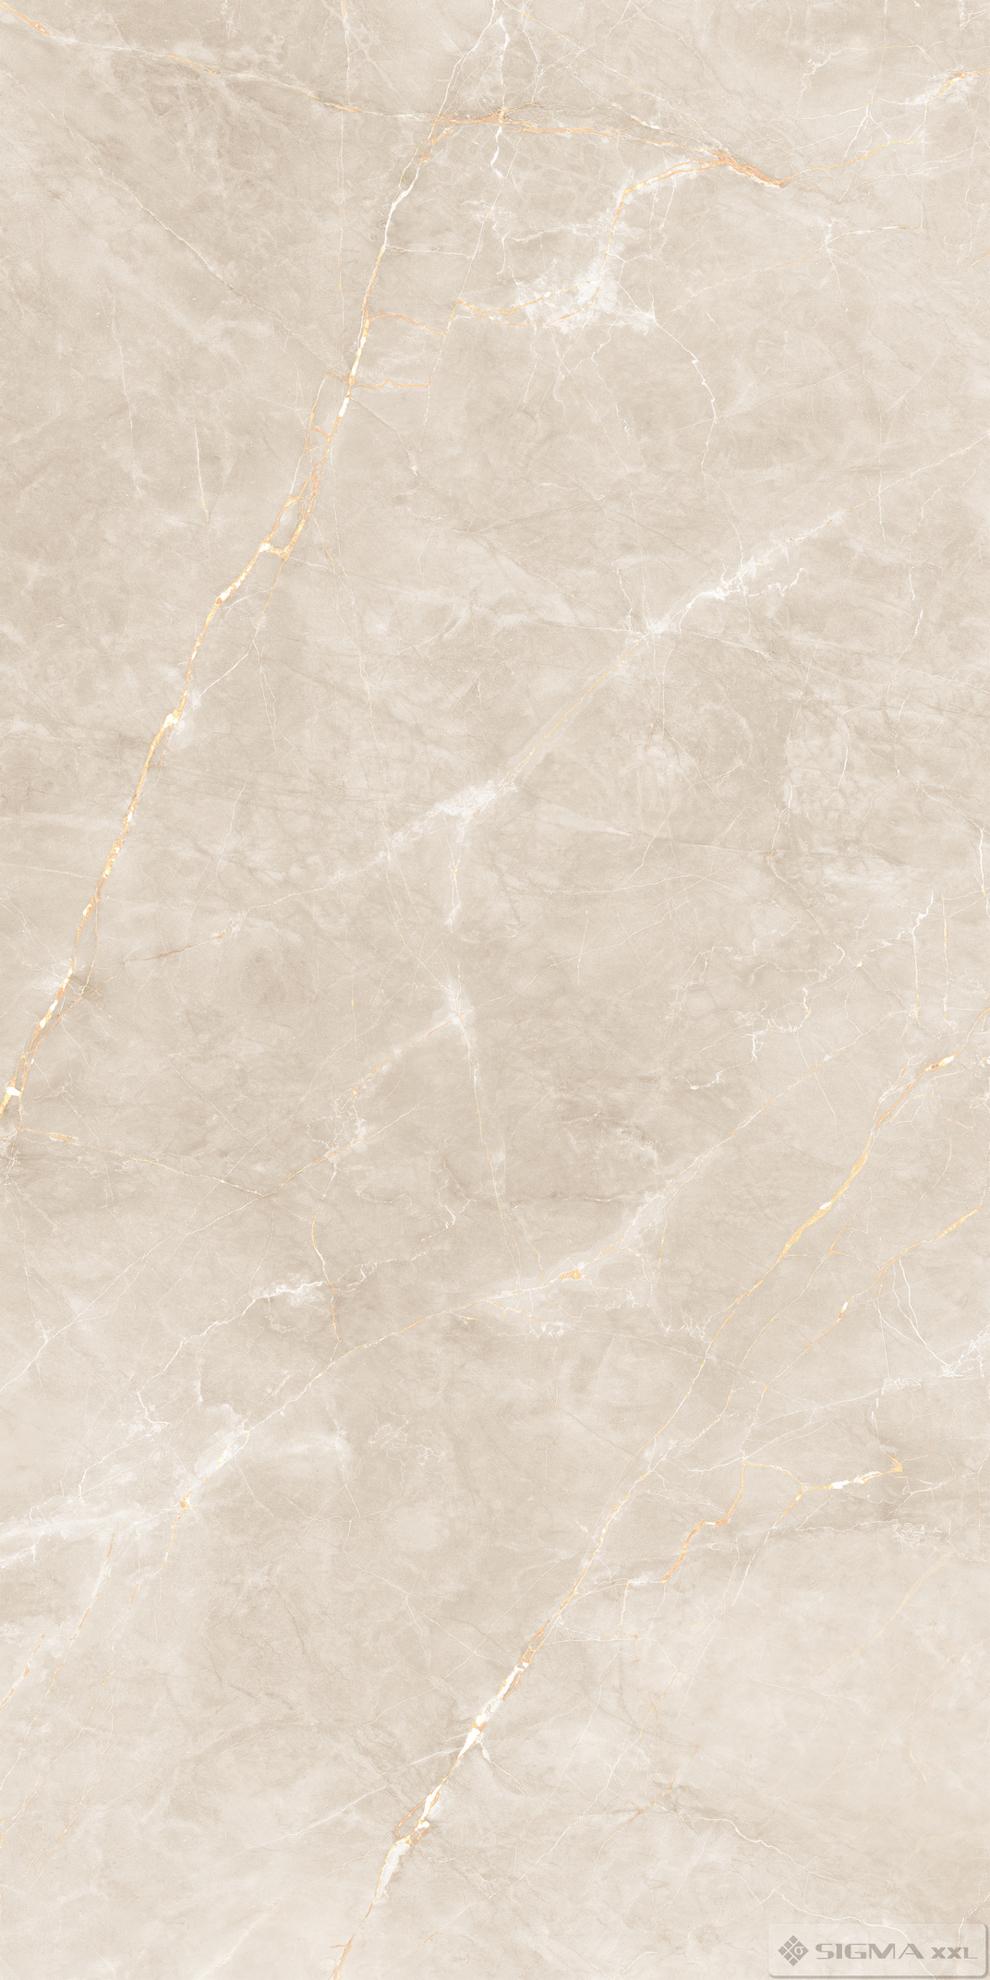 Imagine Shinestone White POL 239,8x119,8